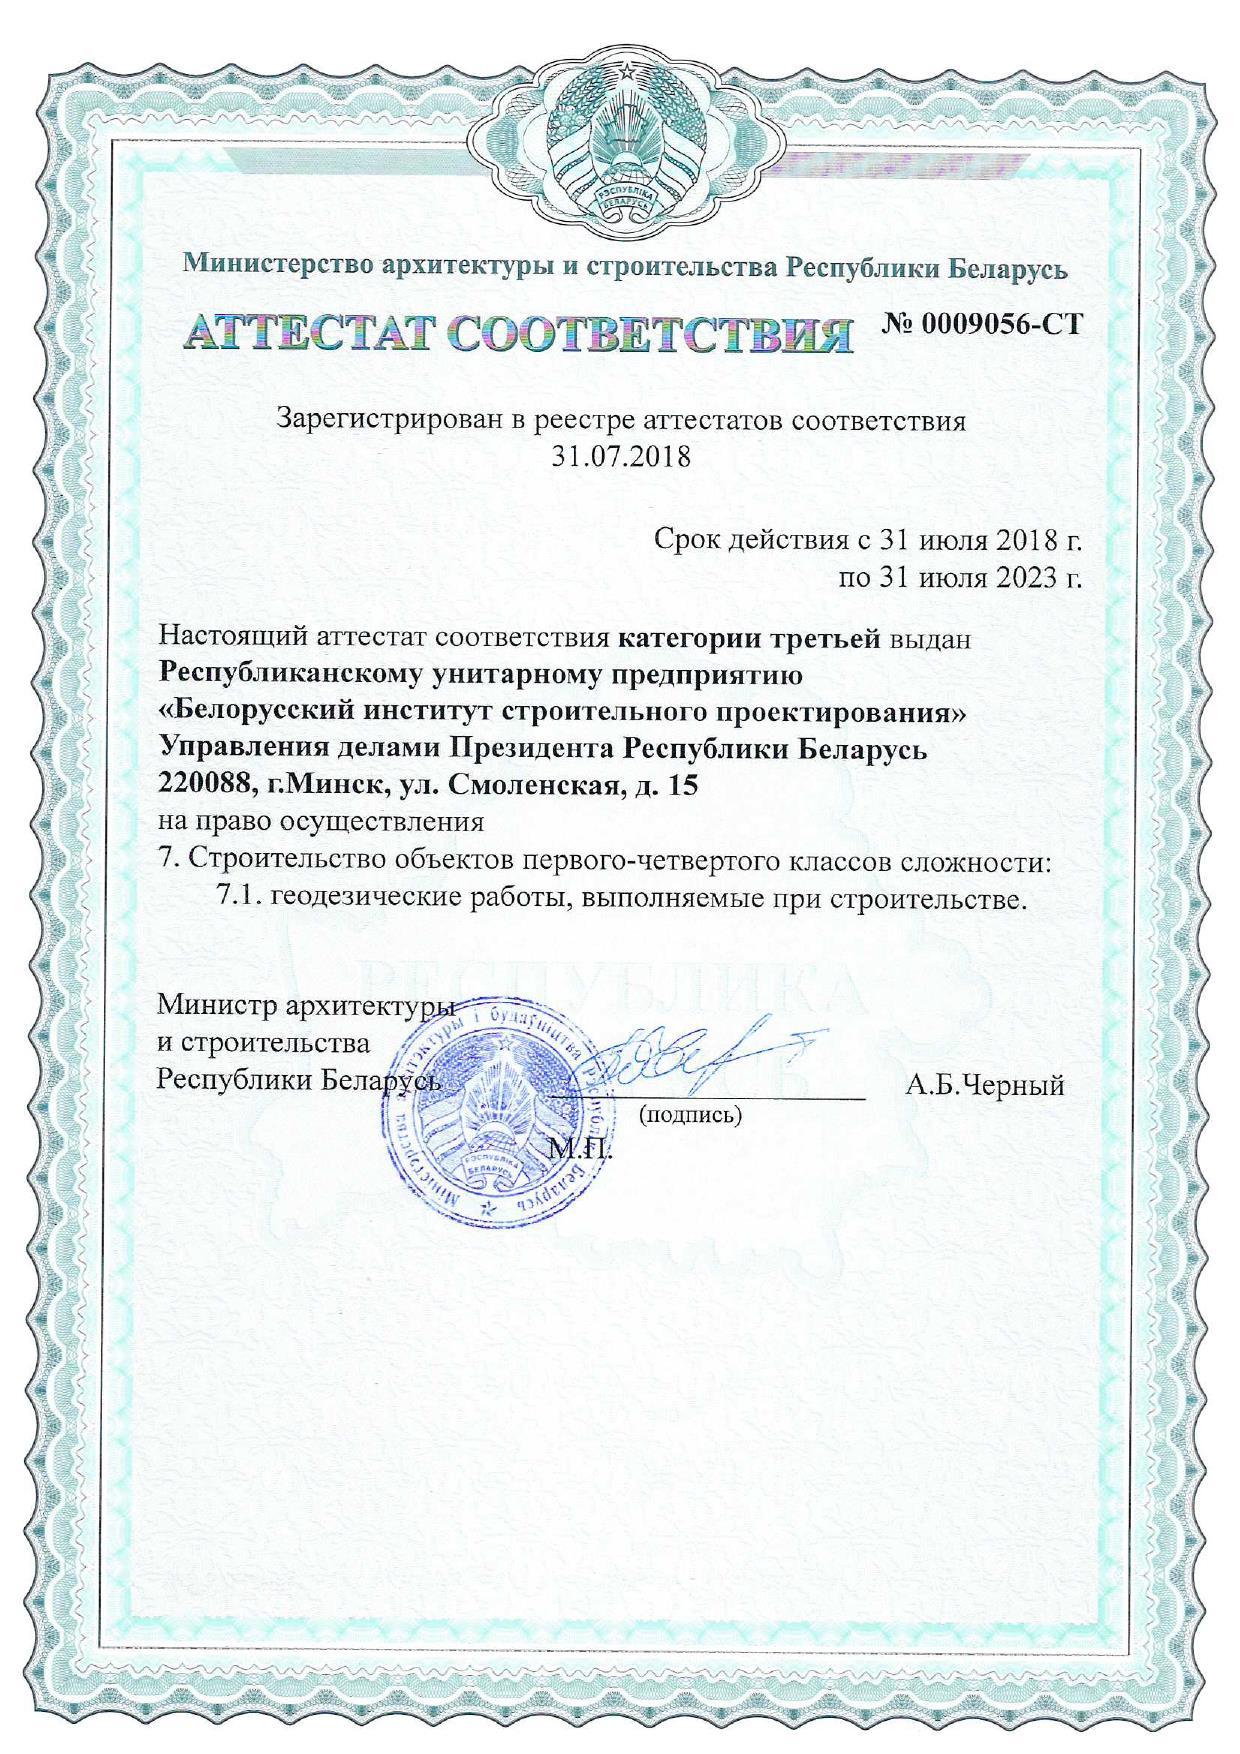 5 Аттестат соответсвия на право осуществления геодезических работ, выполняемых при строительстве